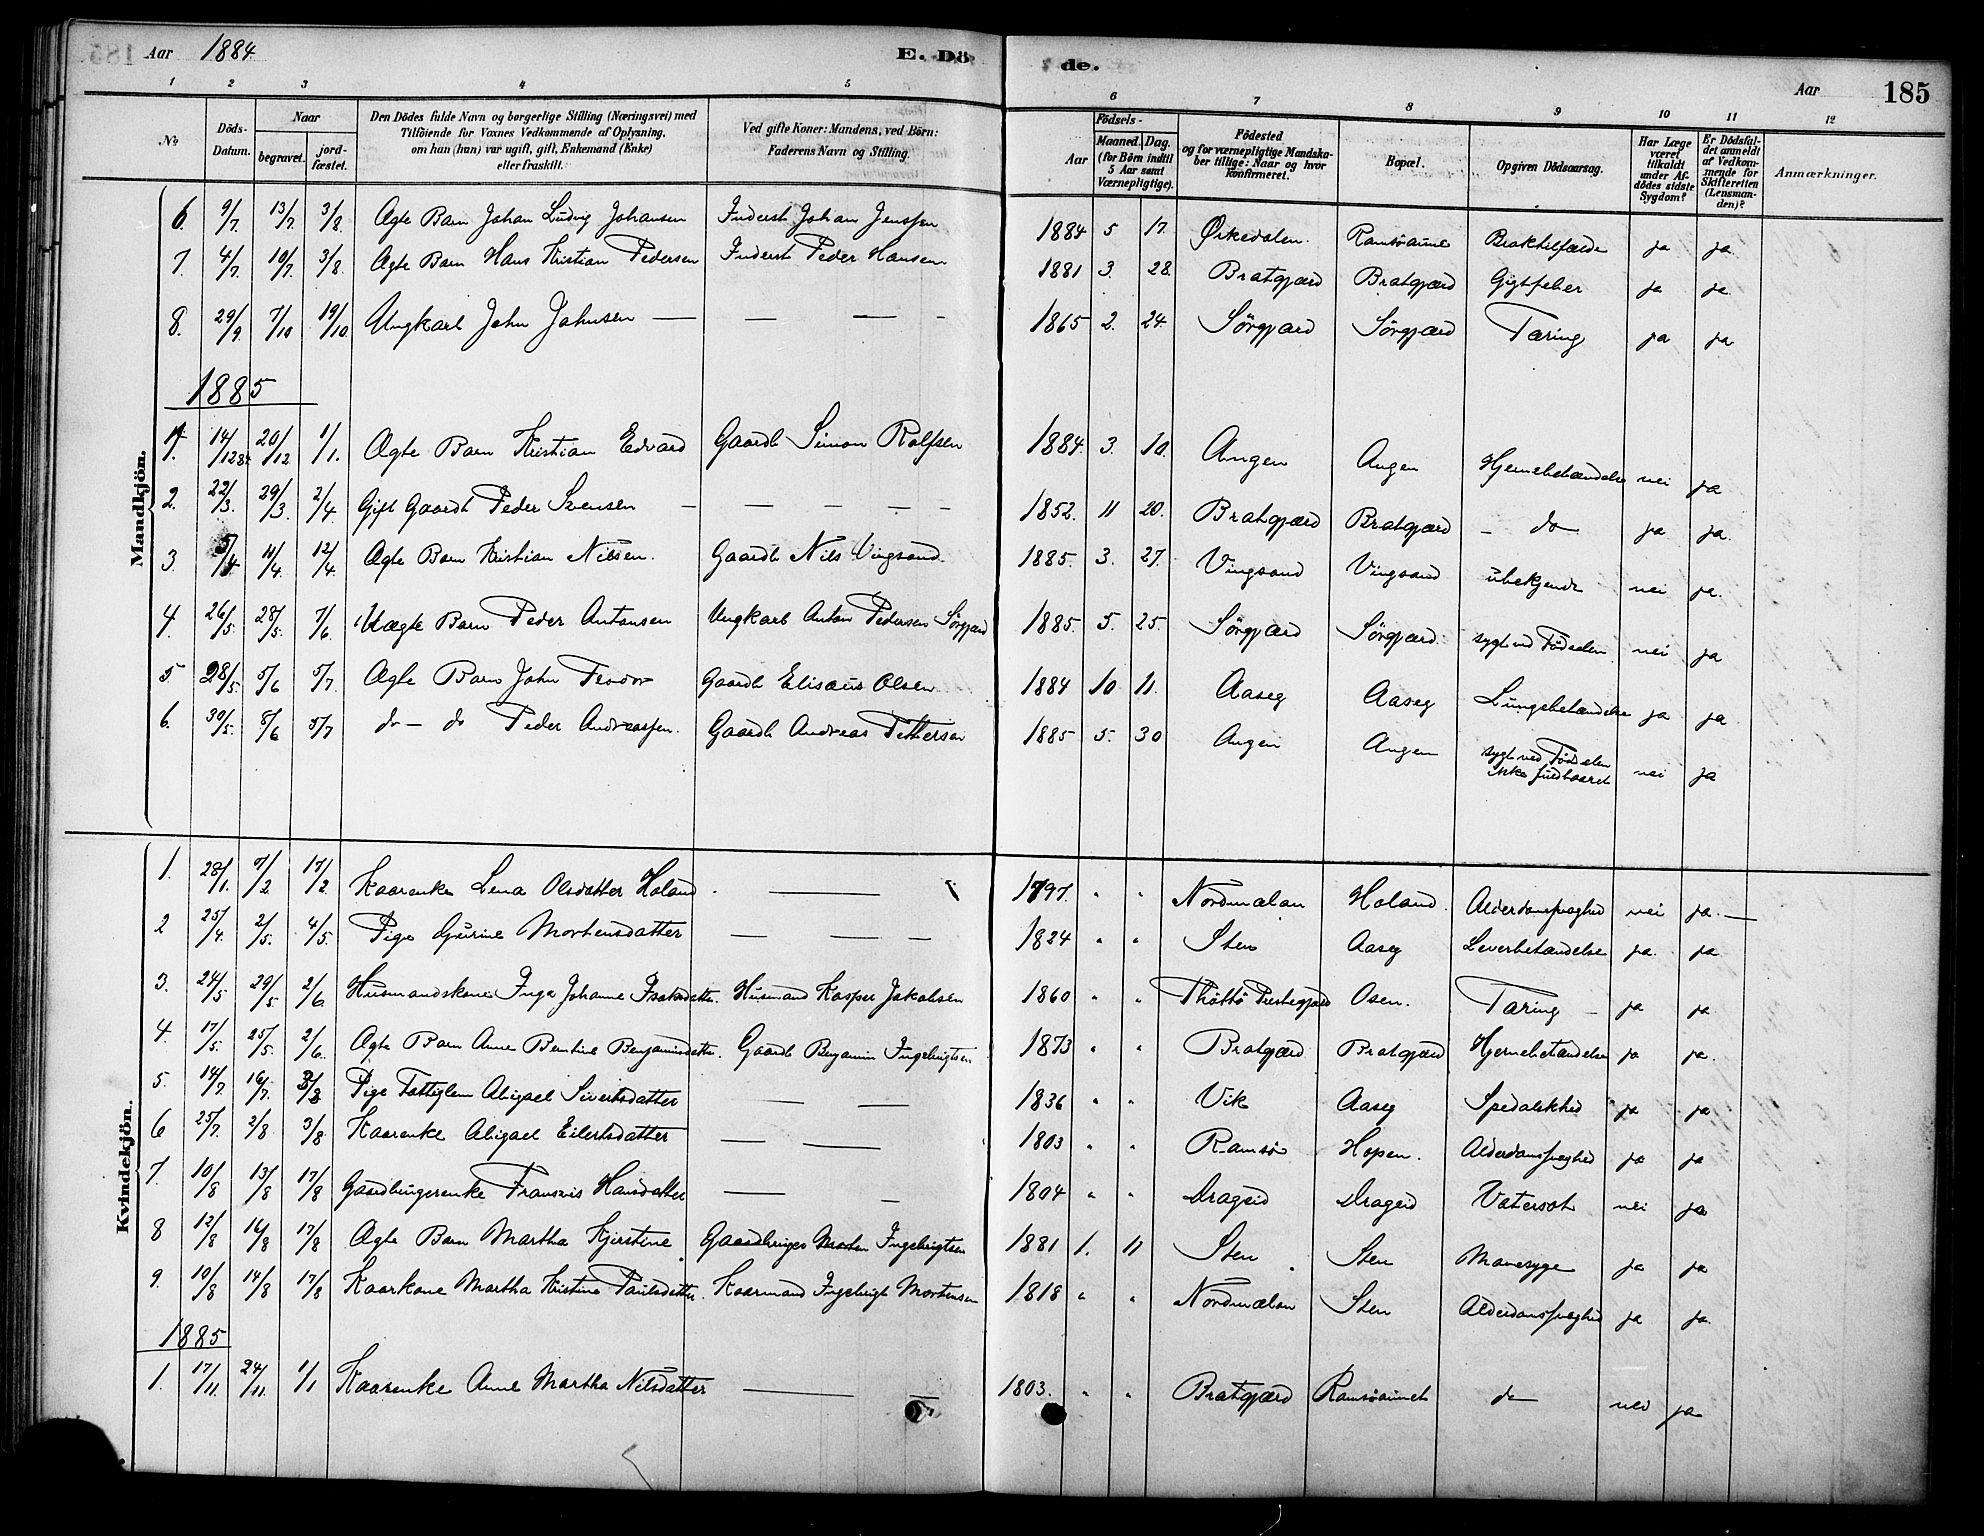 SAT, Ministerialprotokoller, klokkerbøker og fødselsregistre - Sør-Trøndelag, 658/L0722: Ministerialbok nr. 658A01, 1879-1896, s. 185